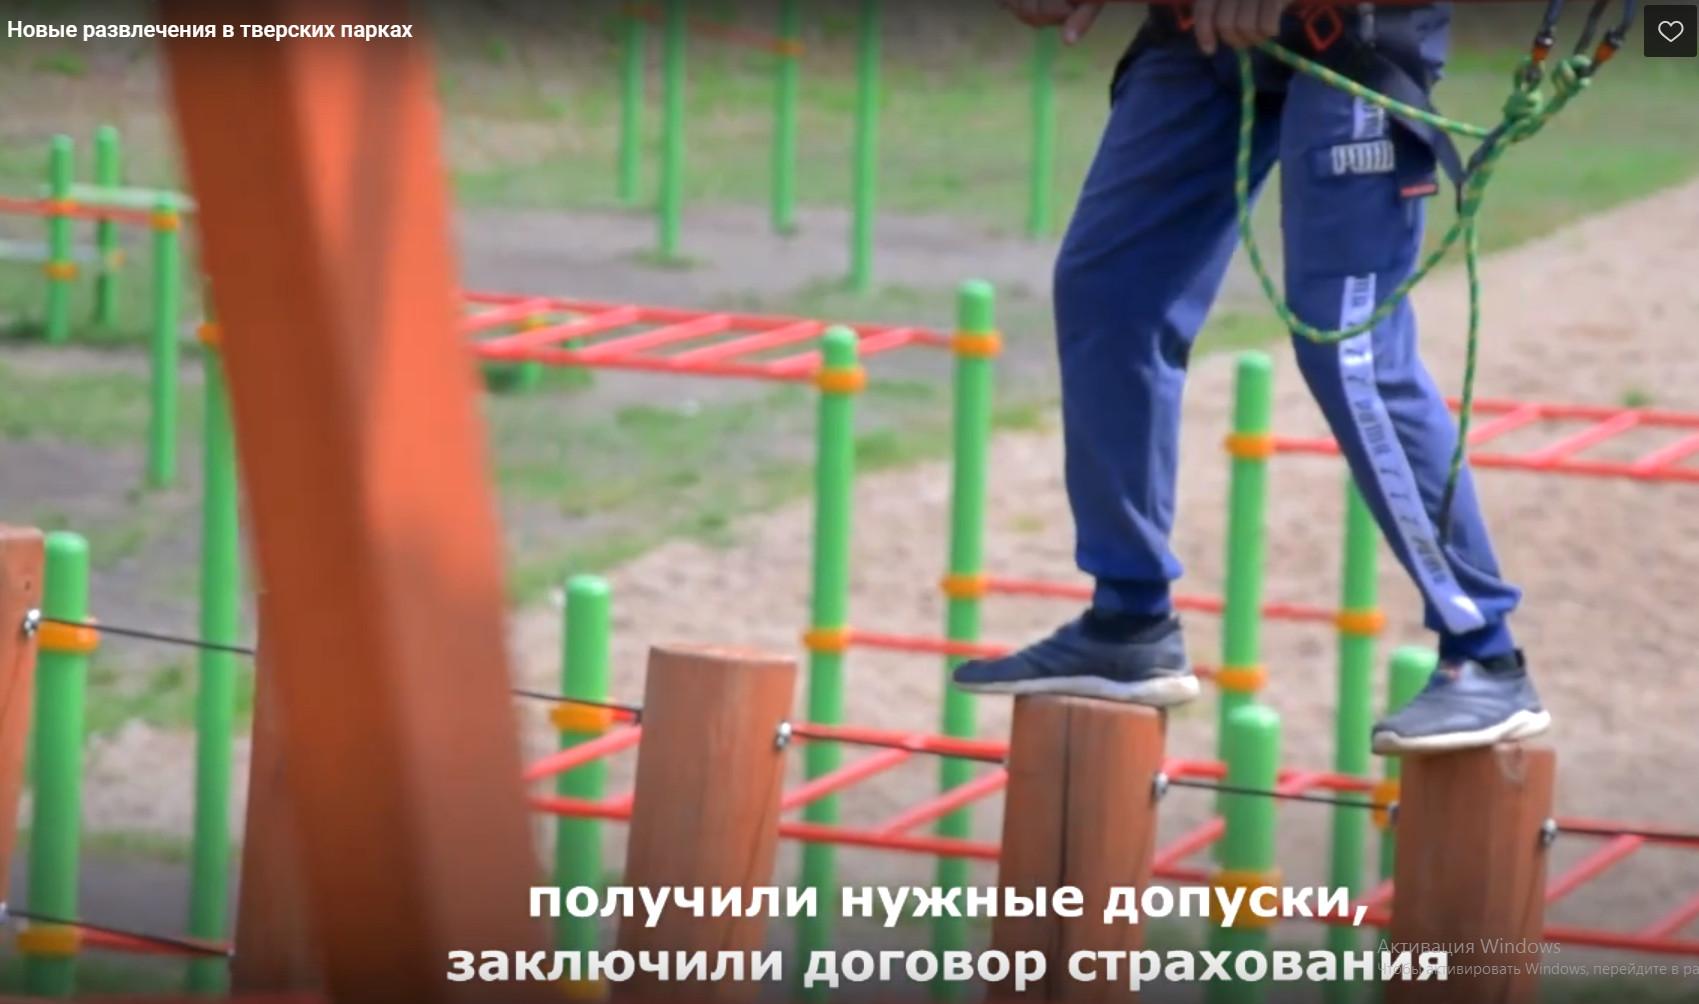 Новое в парках Твери: что и почём предлагают горожанам для культурного отдыха